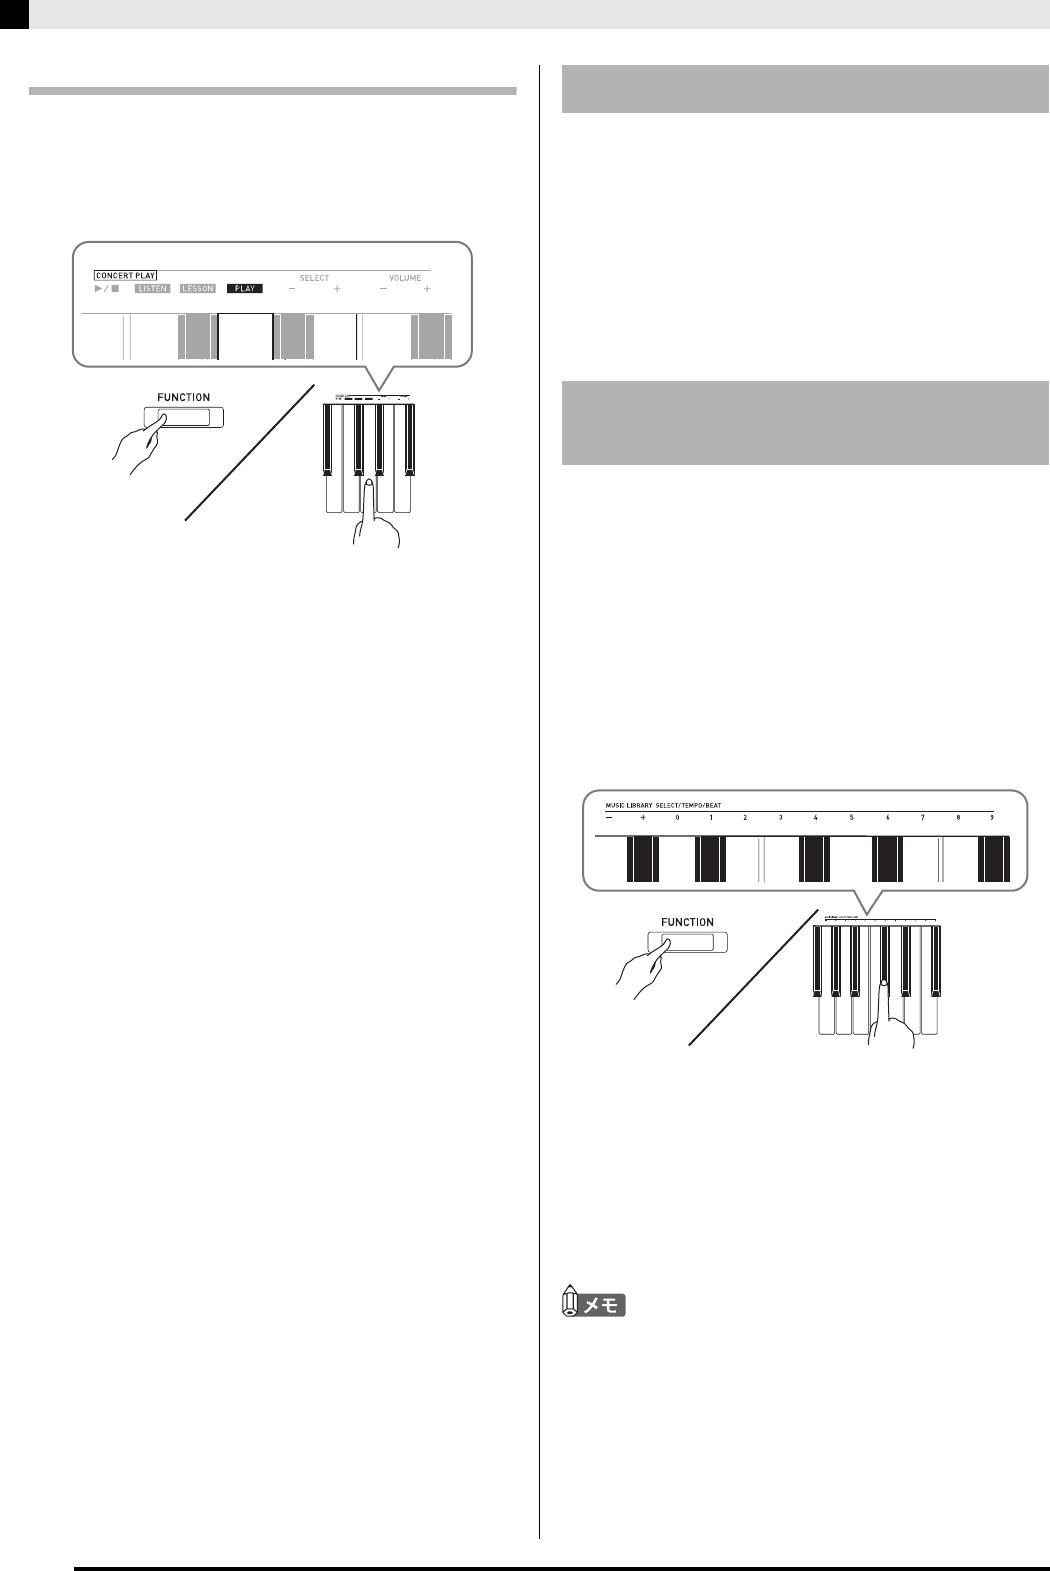 Casio AP470_JA AP 470取扱説明書(詳細版) Web AP470 JA 3A